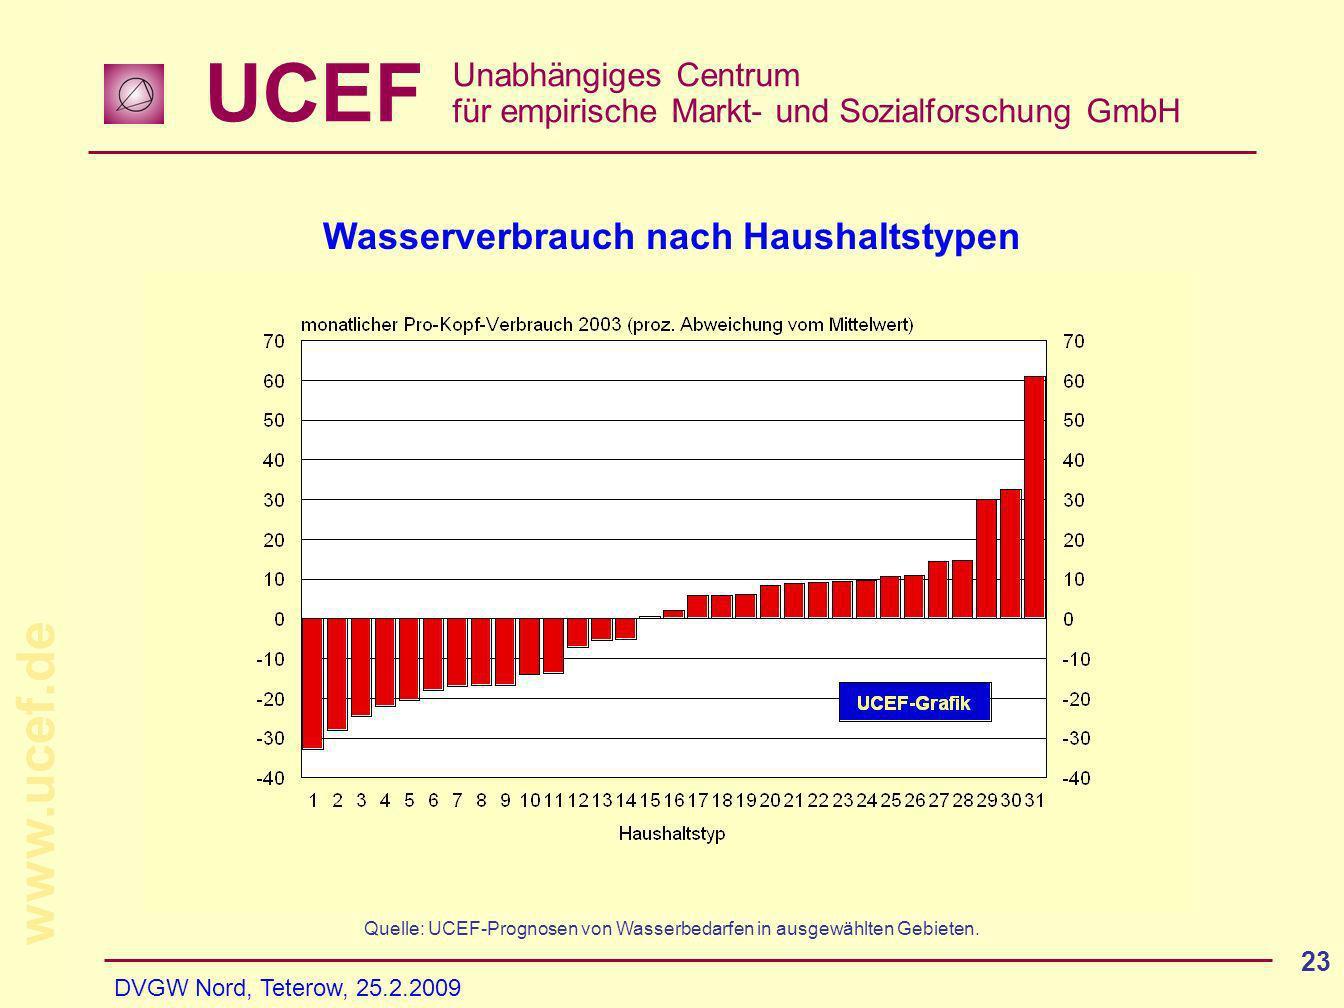 UCEF Unabhängiges Centrum für empirische Markt- und Sozialforschung GmbH www.ucef.de DVGW Nord, Teterow, 25.2.2009 23 Wasserverbrauch nach Haushaltstypen Quelle: UCEF-Prognosen von Wasserbedarfen in ausgewählten Gebieten.